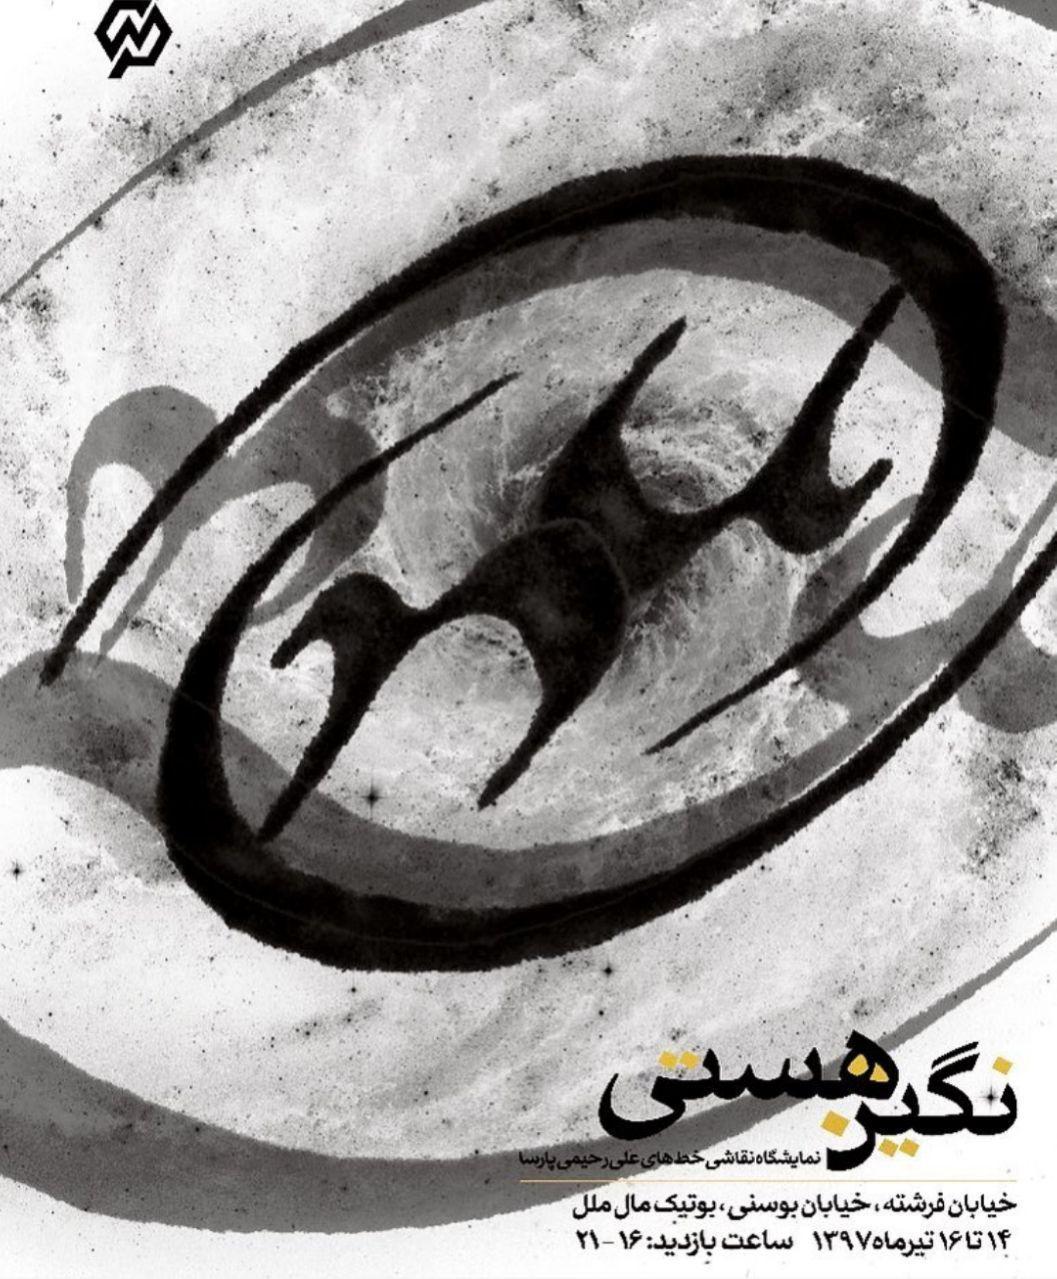 نمایشگاه نقاشی خط «نگین هستی»